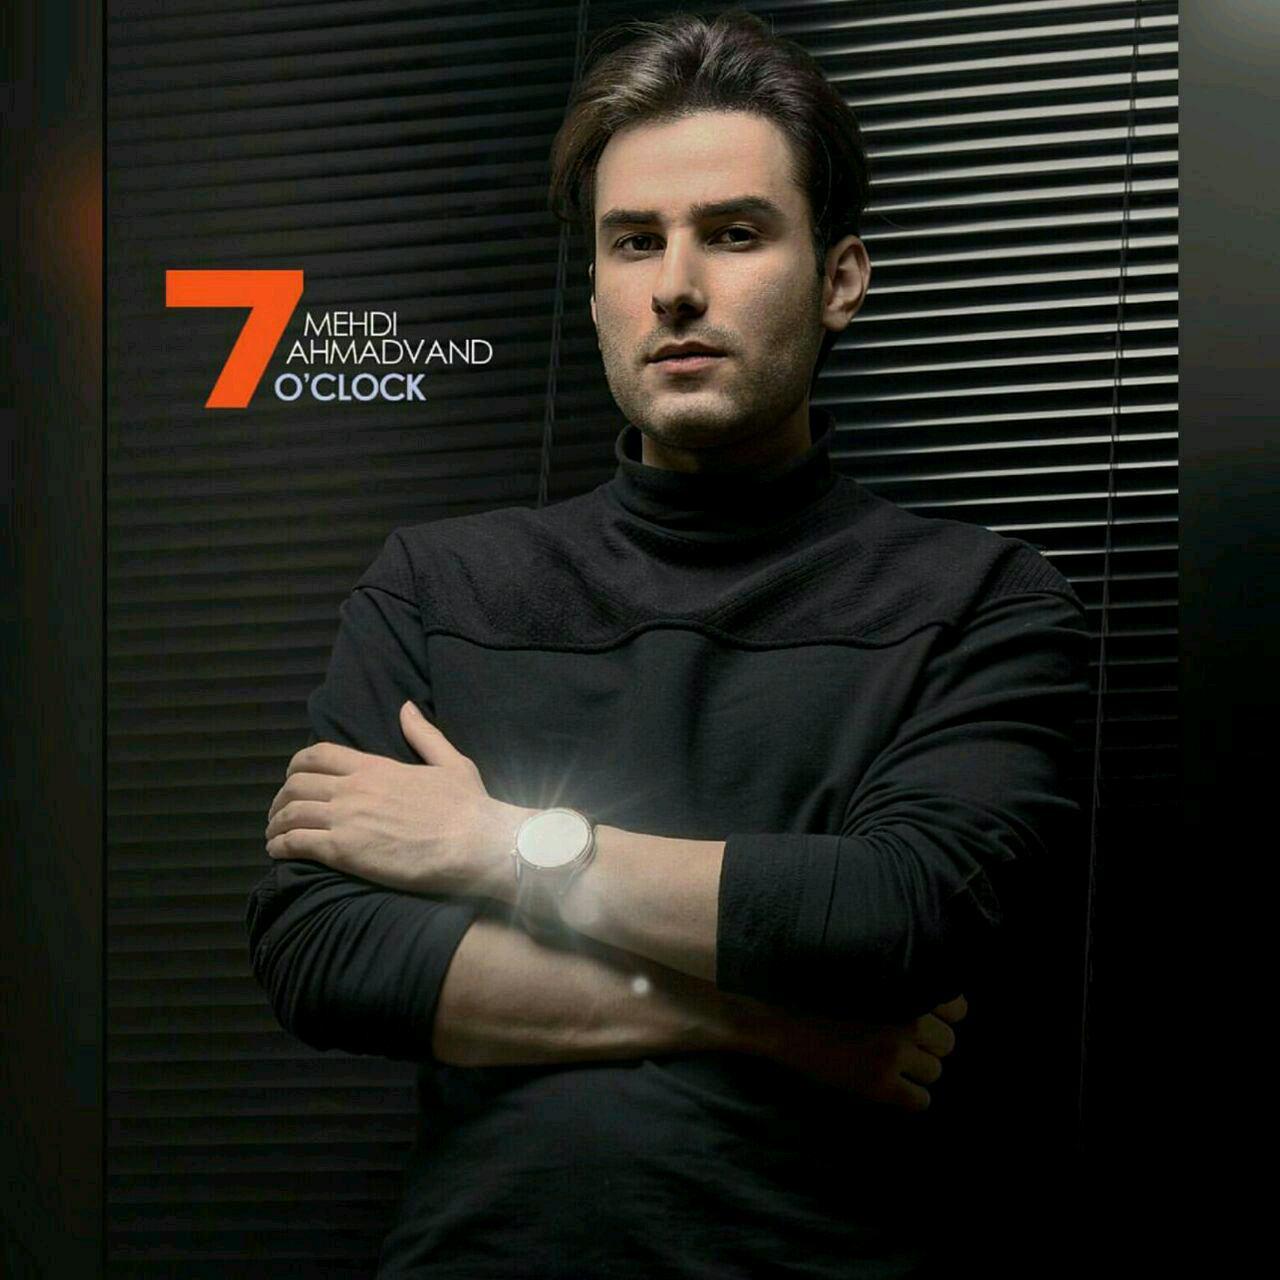 نامبر وان موزیک | دانلود آهنگ جدید Mehdi-Ahmadvand-Saat-7-Demo-Album